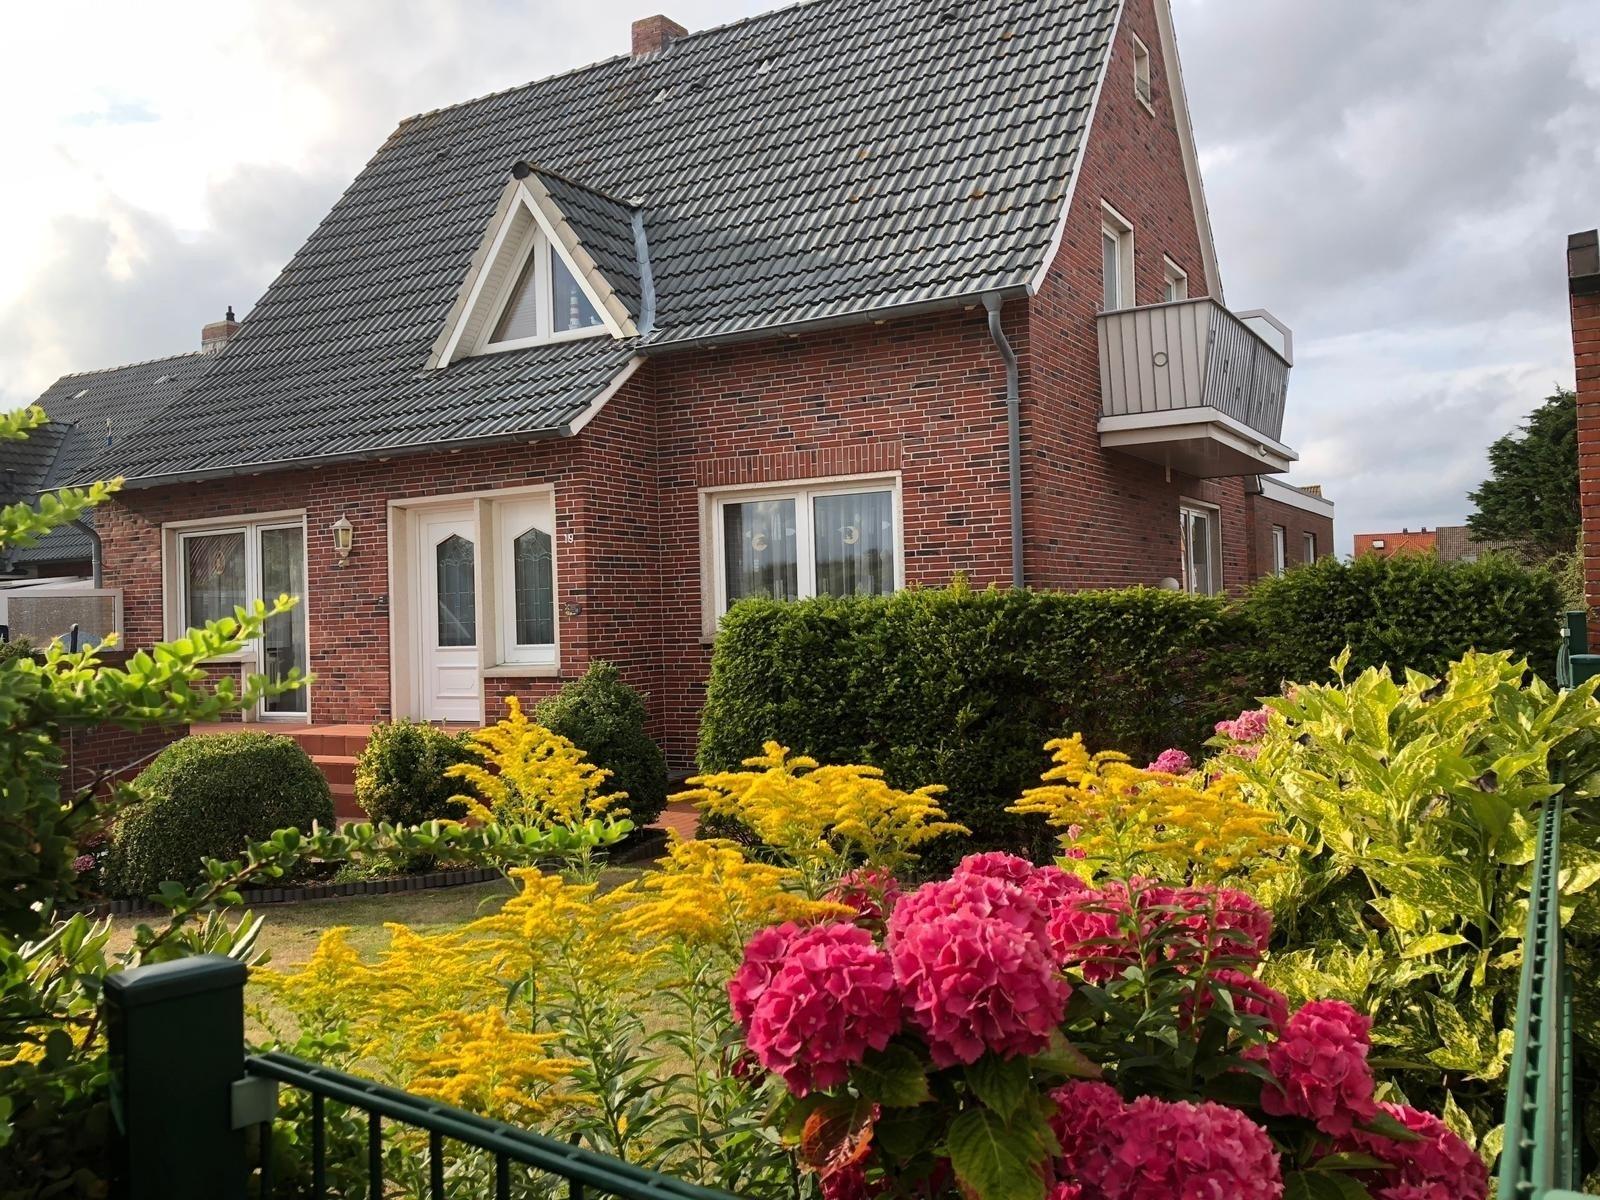 Haus Südstrandliebe - Whg. Lona (250 Meter zu Ferienwohnung  Borkum